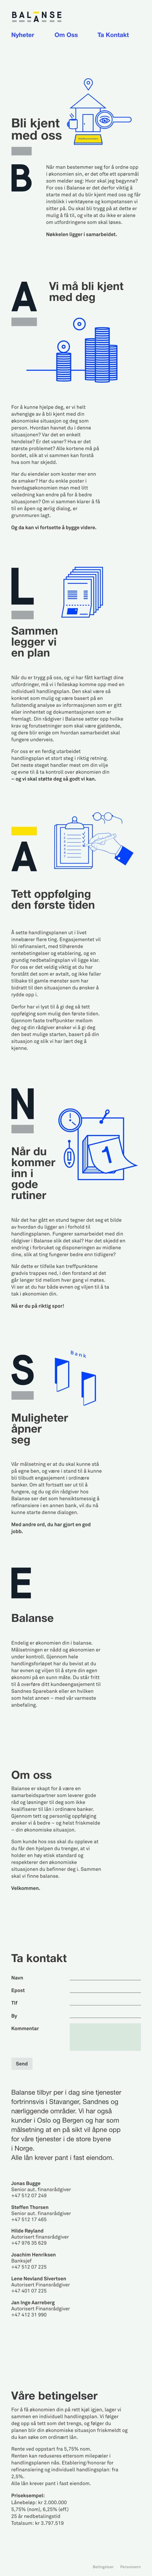 Balansebank 11